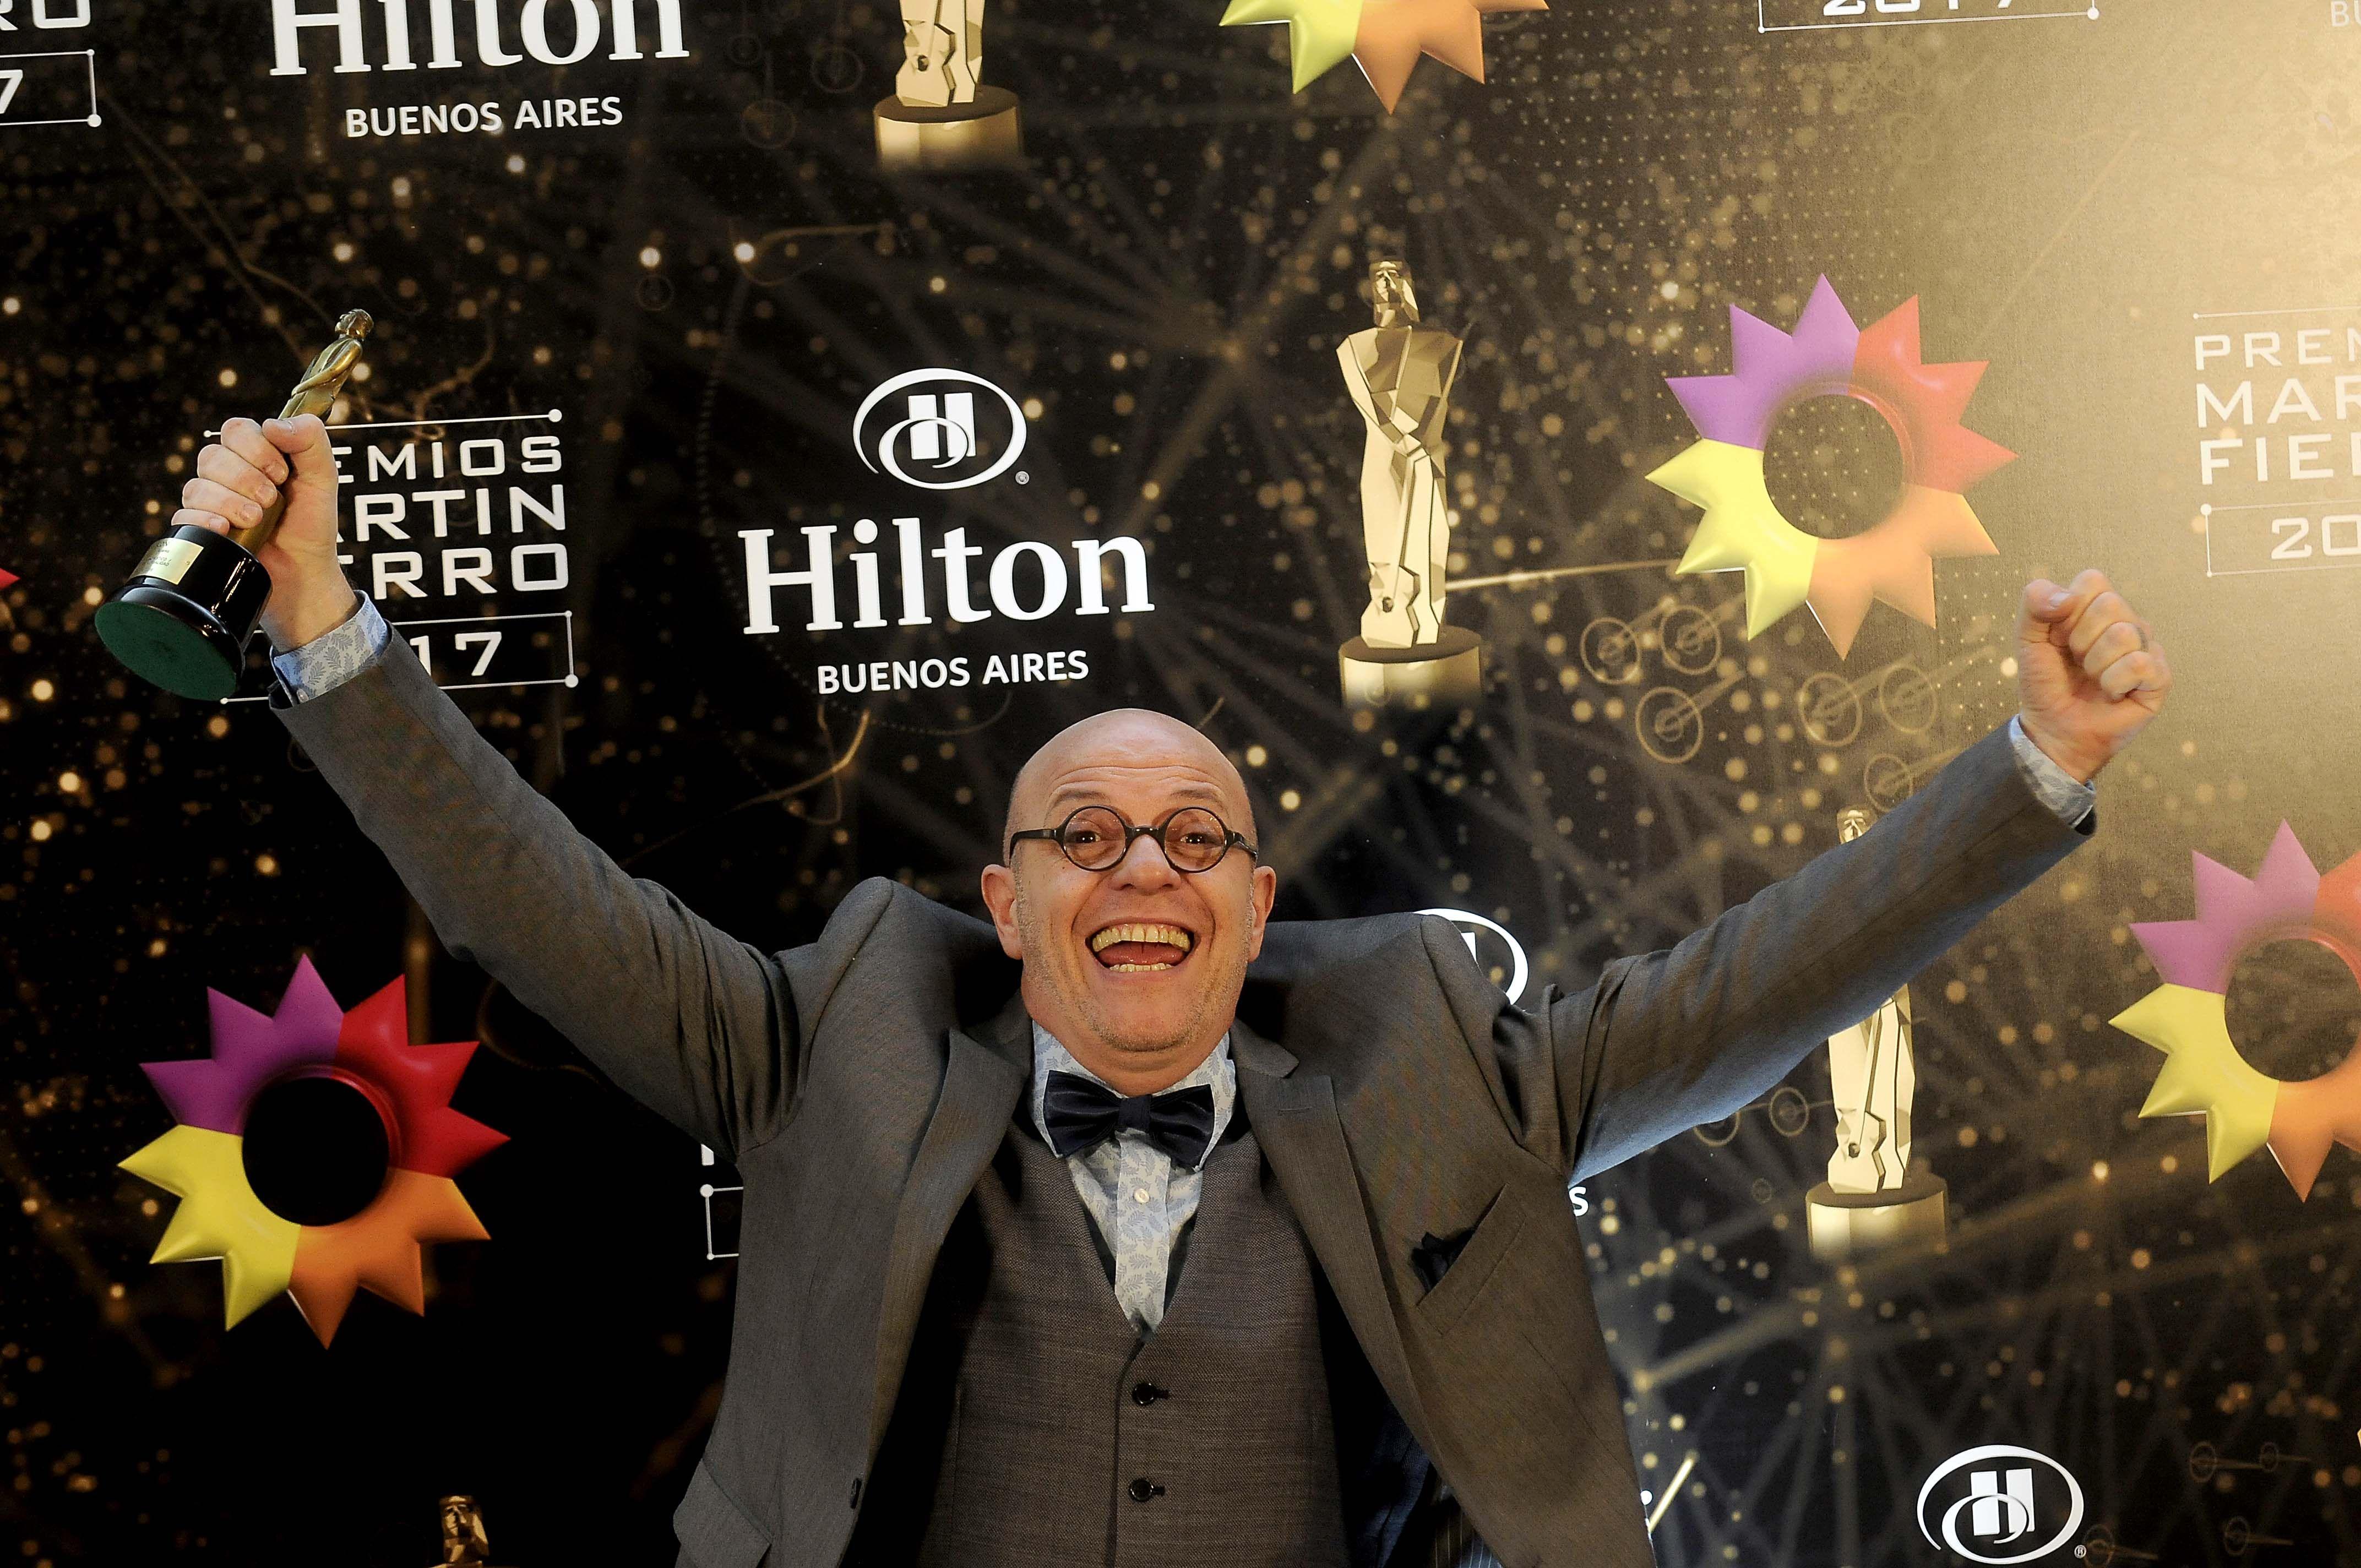 Campi ganó el Martín Fierro a Mejor Programa Humorístico